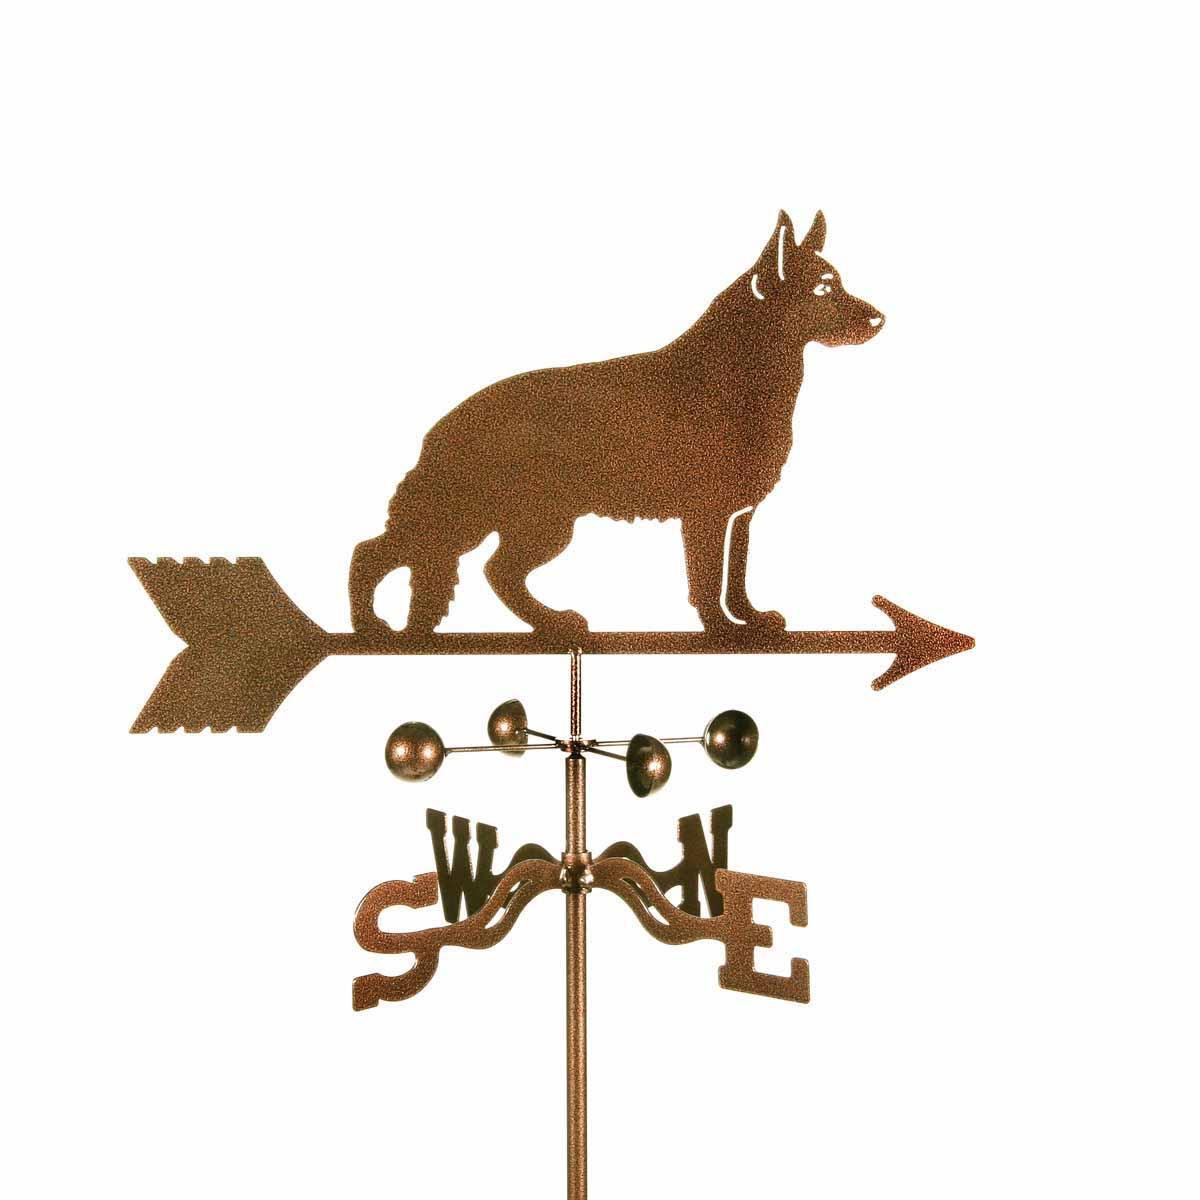 German Shepherd Dog Weathervane -0